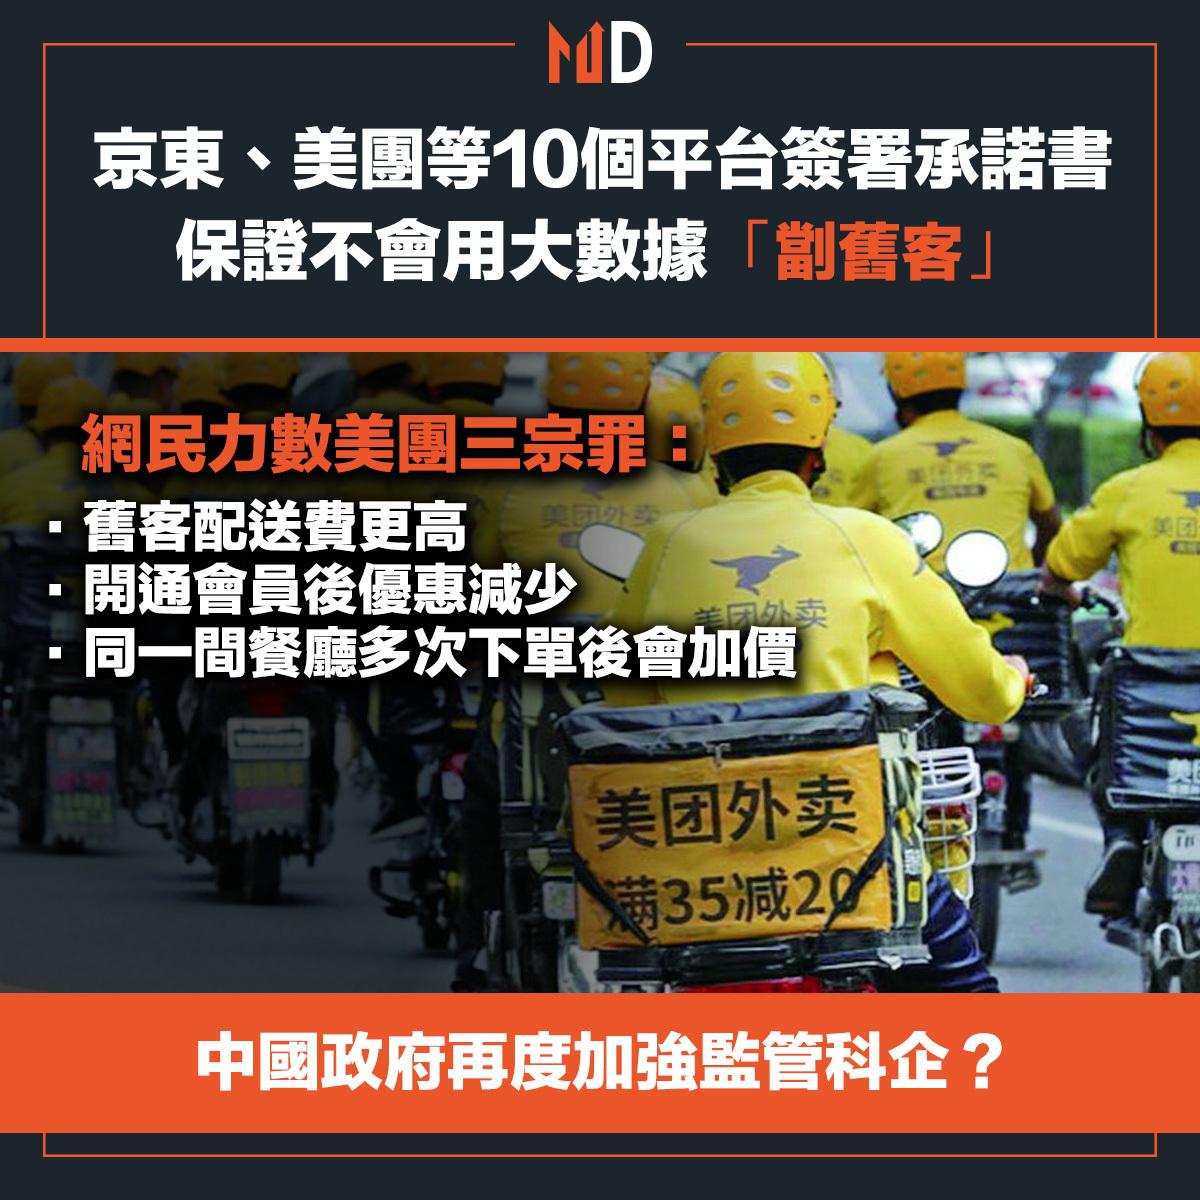 京東、美團等10個平台簽署承諾書